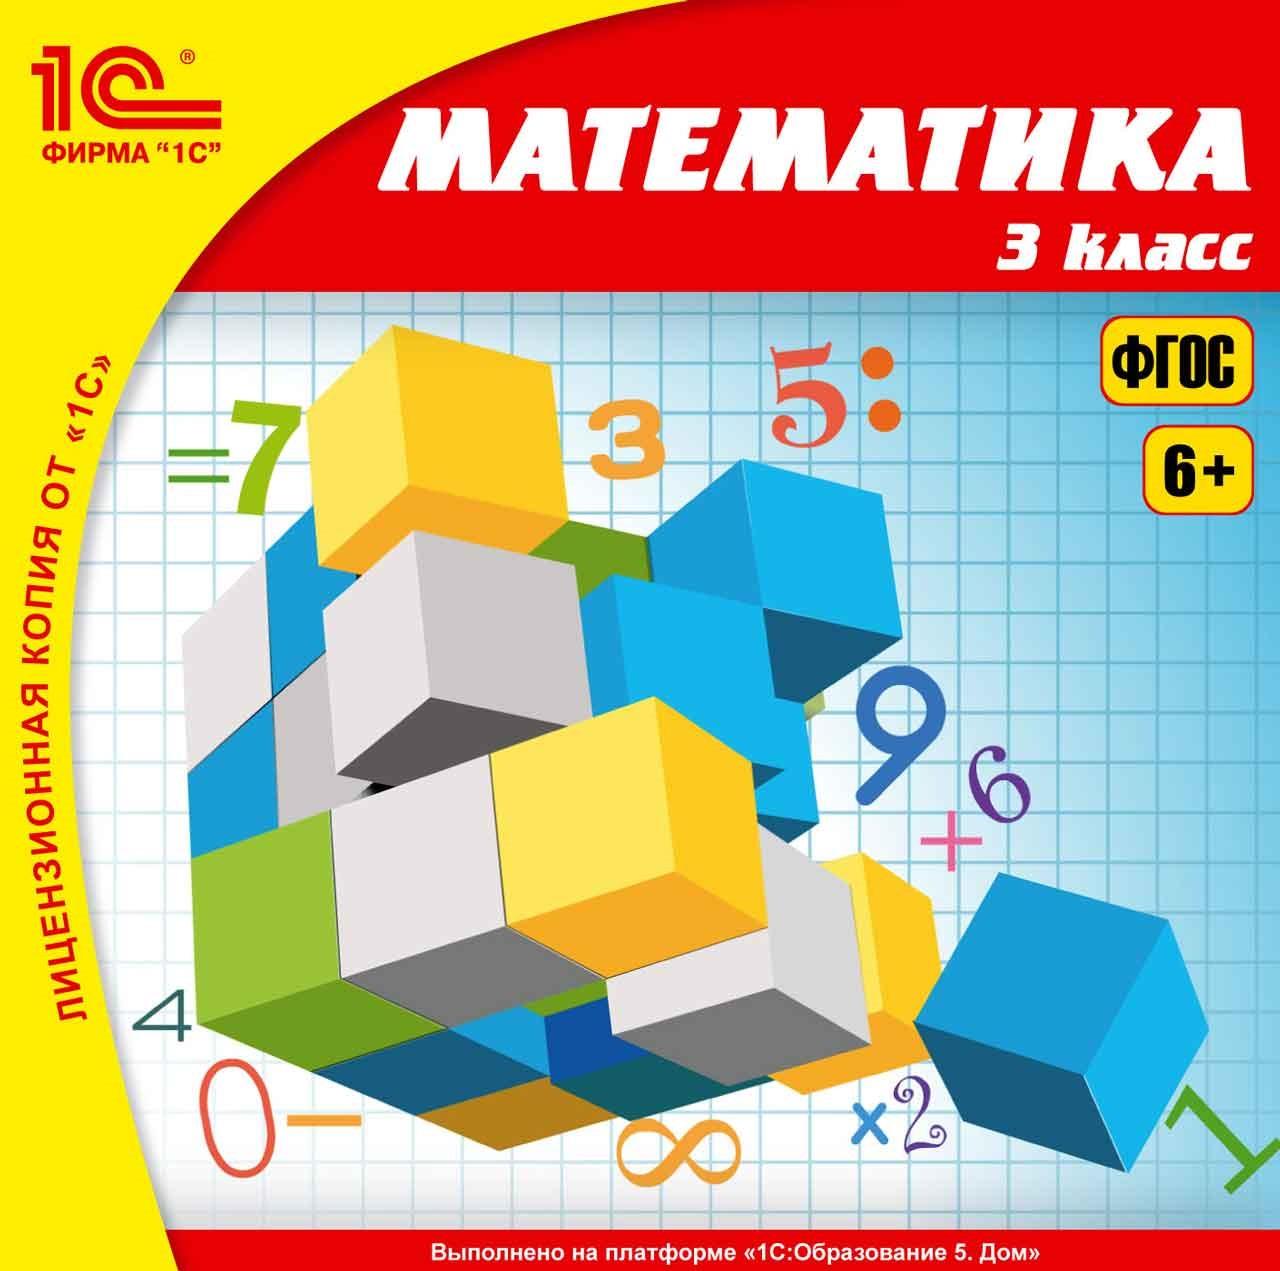 Математика, 3 класс видеофильм 3 класс водоемы